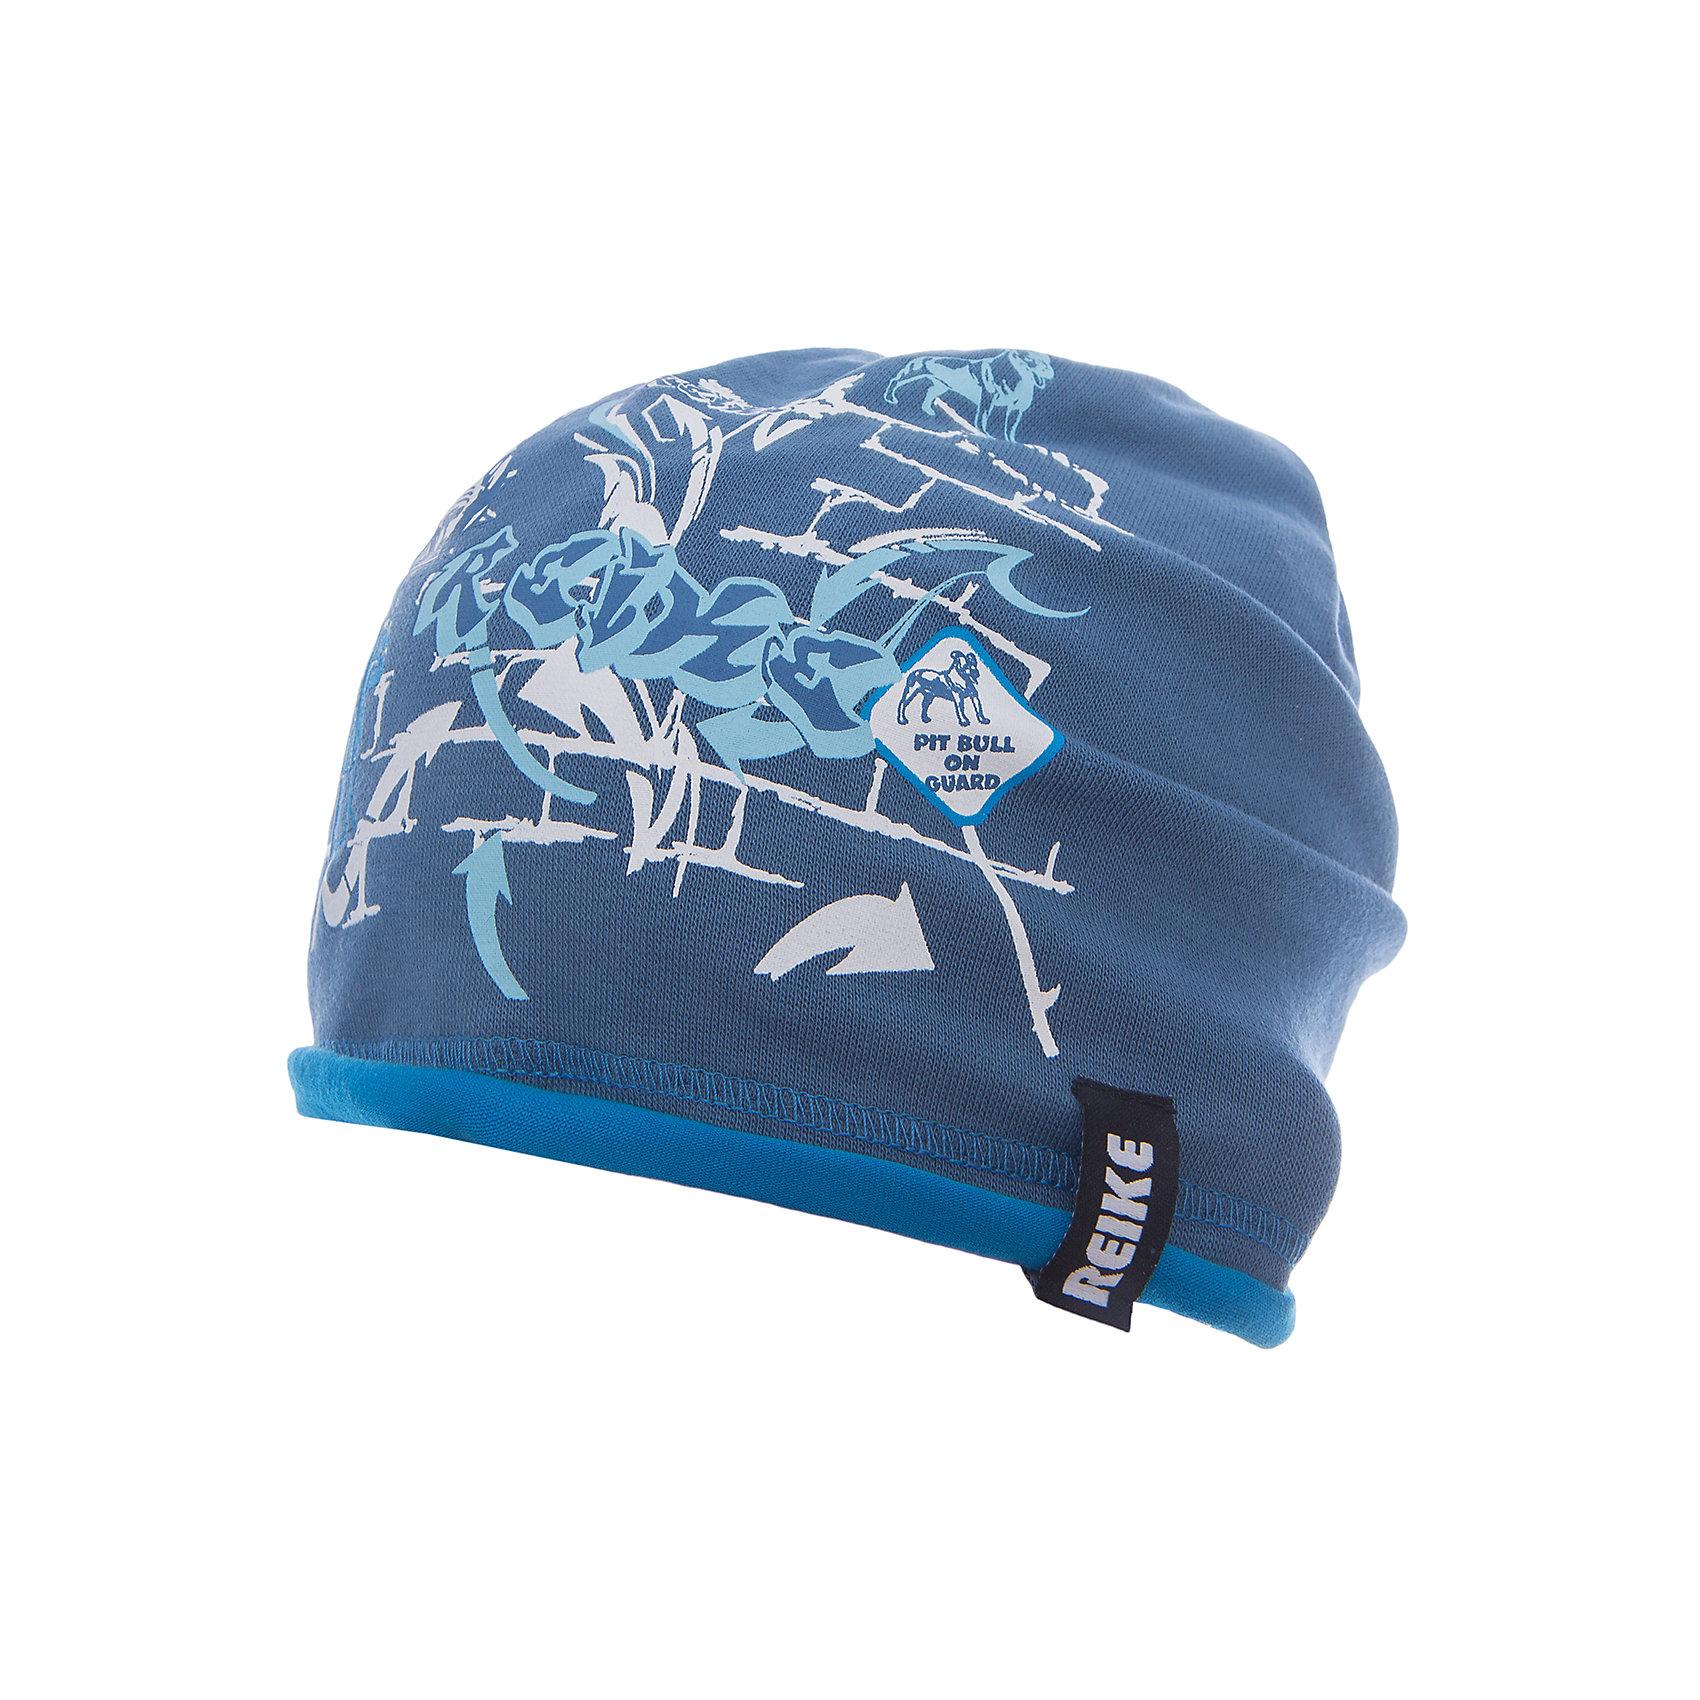 Шапка Reike для мальчикаШапки и шарфы<br>Характеристики товара:<br><br>• цвет: синий<br>• состав: 97% хлопок, 3% полиуретан<br>• без подкладки<br>• температурный режим: от +7С до +15С<br>• декорирована принтом <br>• мягкий материал<br>• страна бренда: Финляндия<br><br>Новая коллекция от известного финского производителя Reike отличается ярким дизайном, продуманностью и комфортом! Эта модель разработана специально для детей - она учитывает особенности их физиологии, а также новые тенденции в европейской моде. Она отлично сочетается с обувью разных цветов и фасонов. Стильная и удобная вещь!<br><br>Шапку для мальчика от популярного бренда Reike можно купить в нашем интернет-магазине.<br><br>Ширина мм: 89<br>Глубина мм: 117<br>Высота мм: 44<br>Вес г: 155<br>Цвет: голубой<br>Возраст от месяцев: 0<br>Возраст до месяцев: 3<br>Пол: Мужской<br>Возраст: Детский<br>Размер: 56,54<br>SKU: 5430213